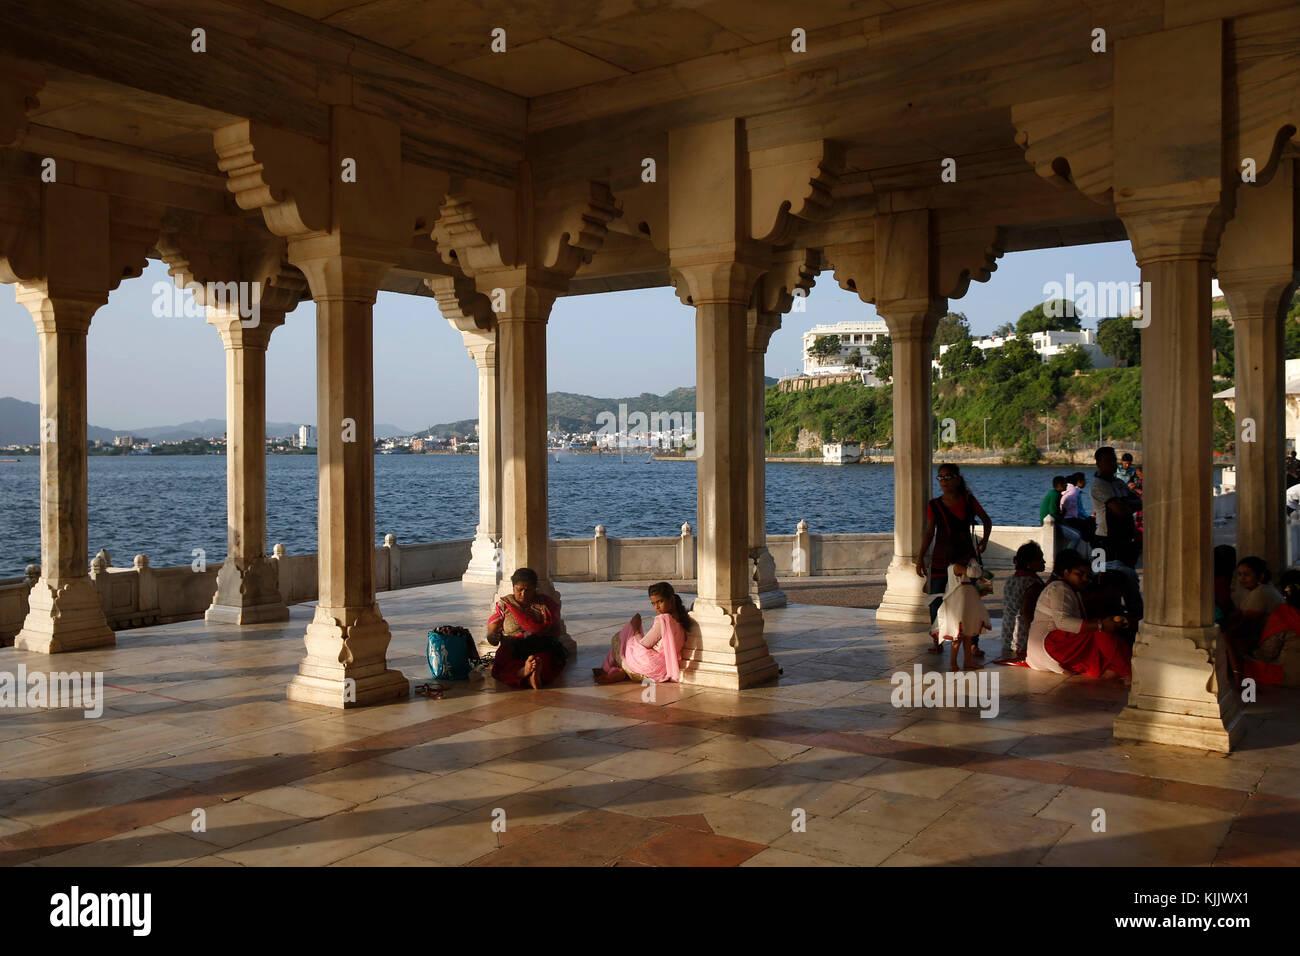 Baradari built by Shah jahan at lake Anasagar, Ajmer, India. - Stock Image